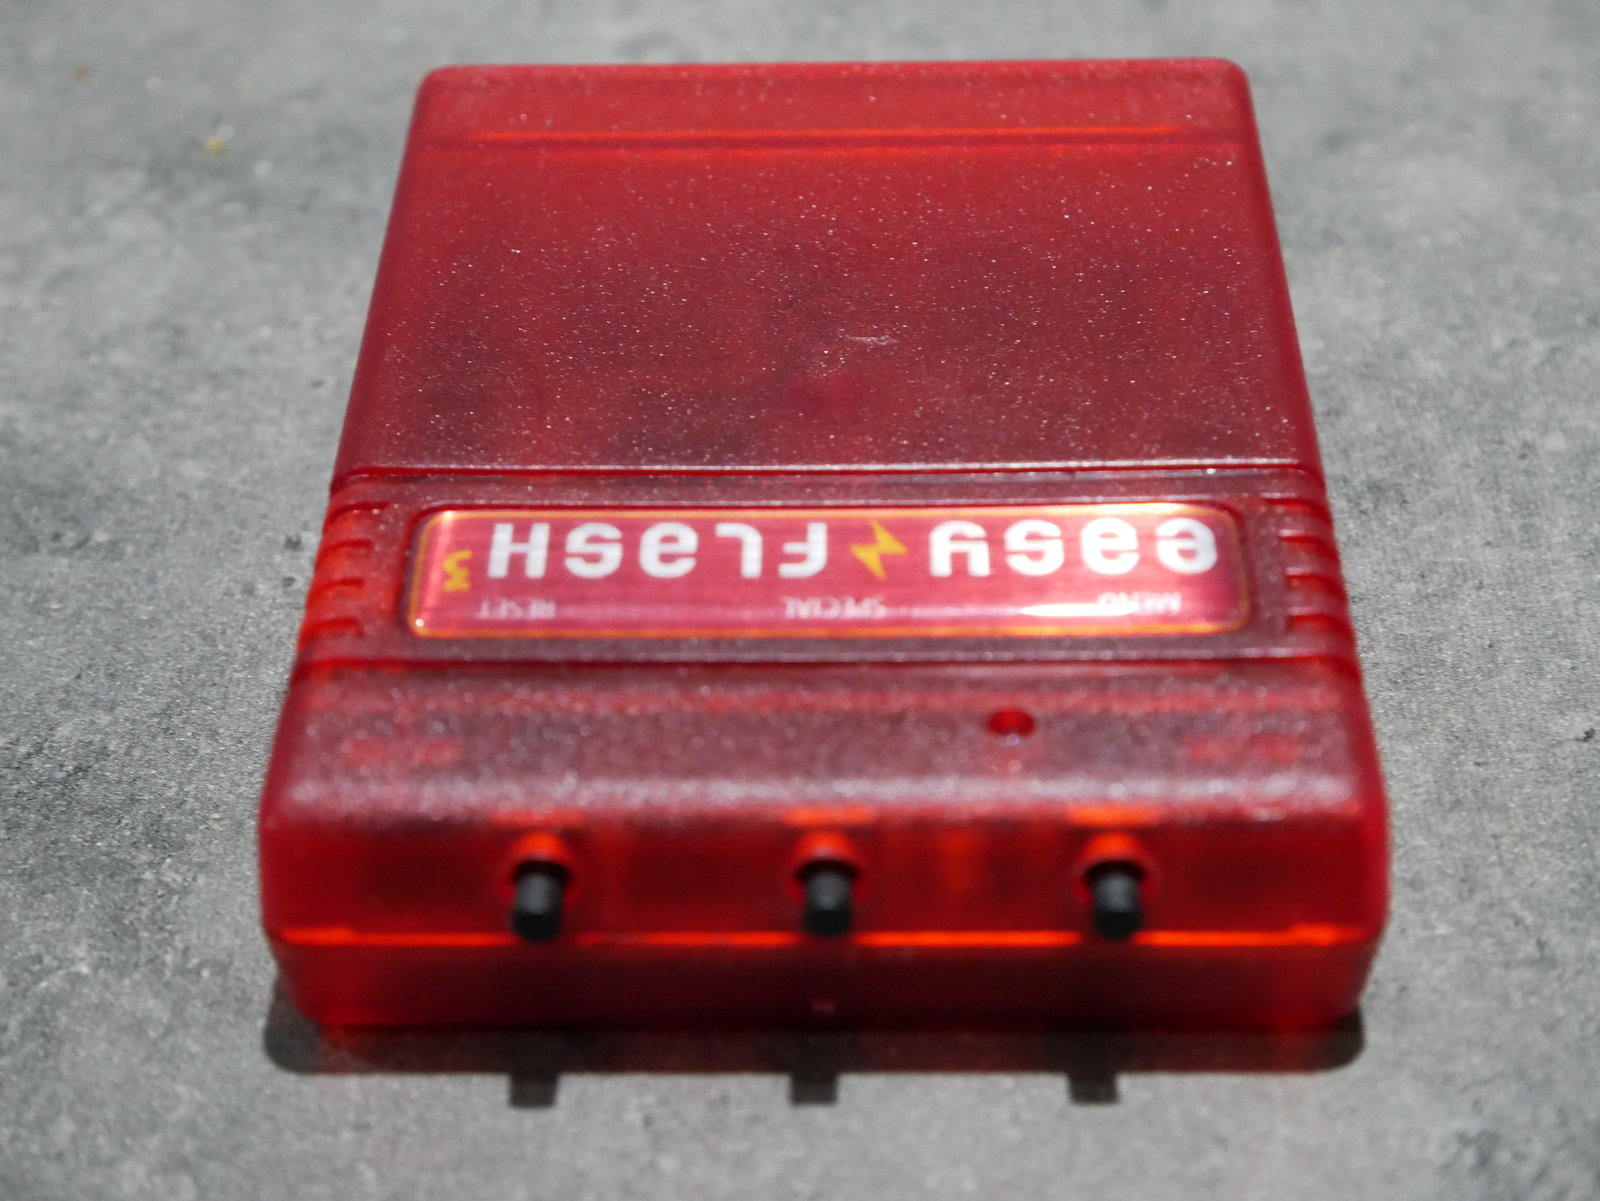 [VDS] C64/128 : divers accessoires (livre, logiciel, cartouches) 200512055455481673